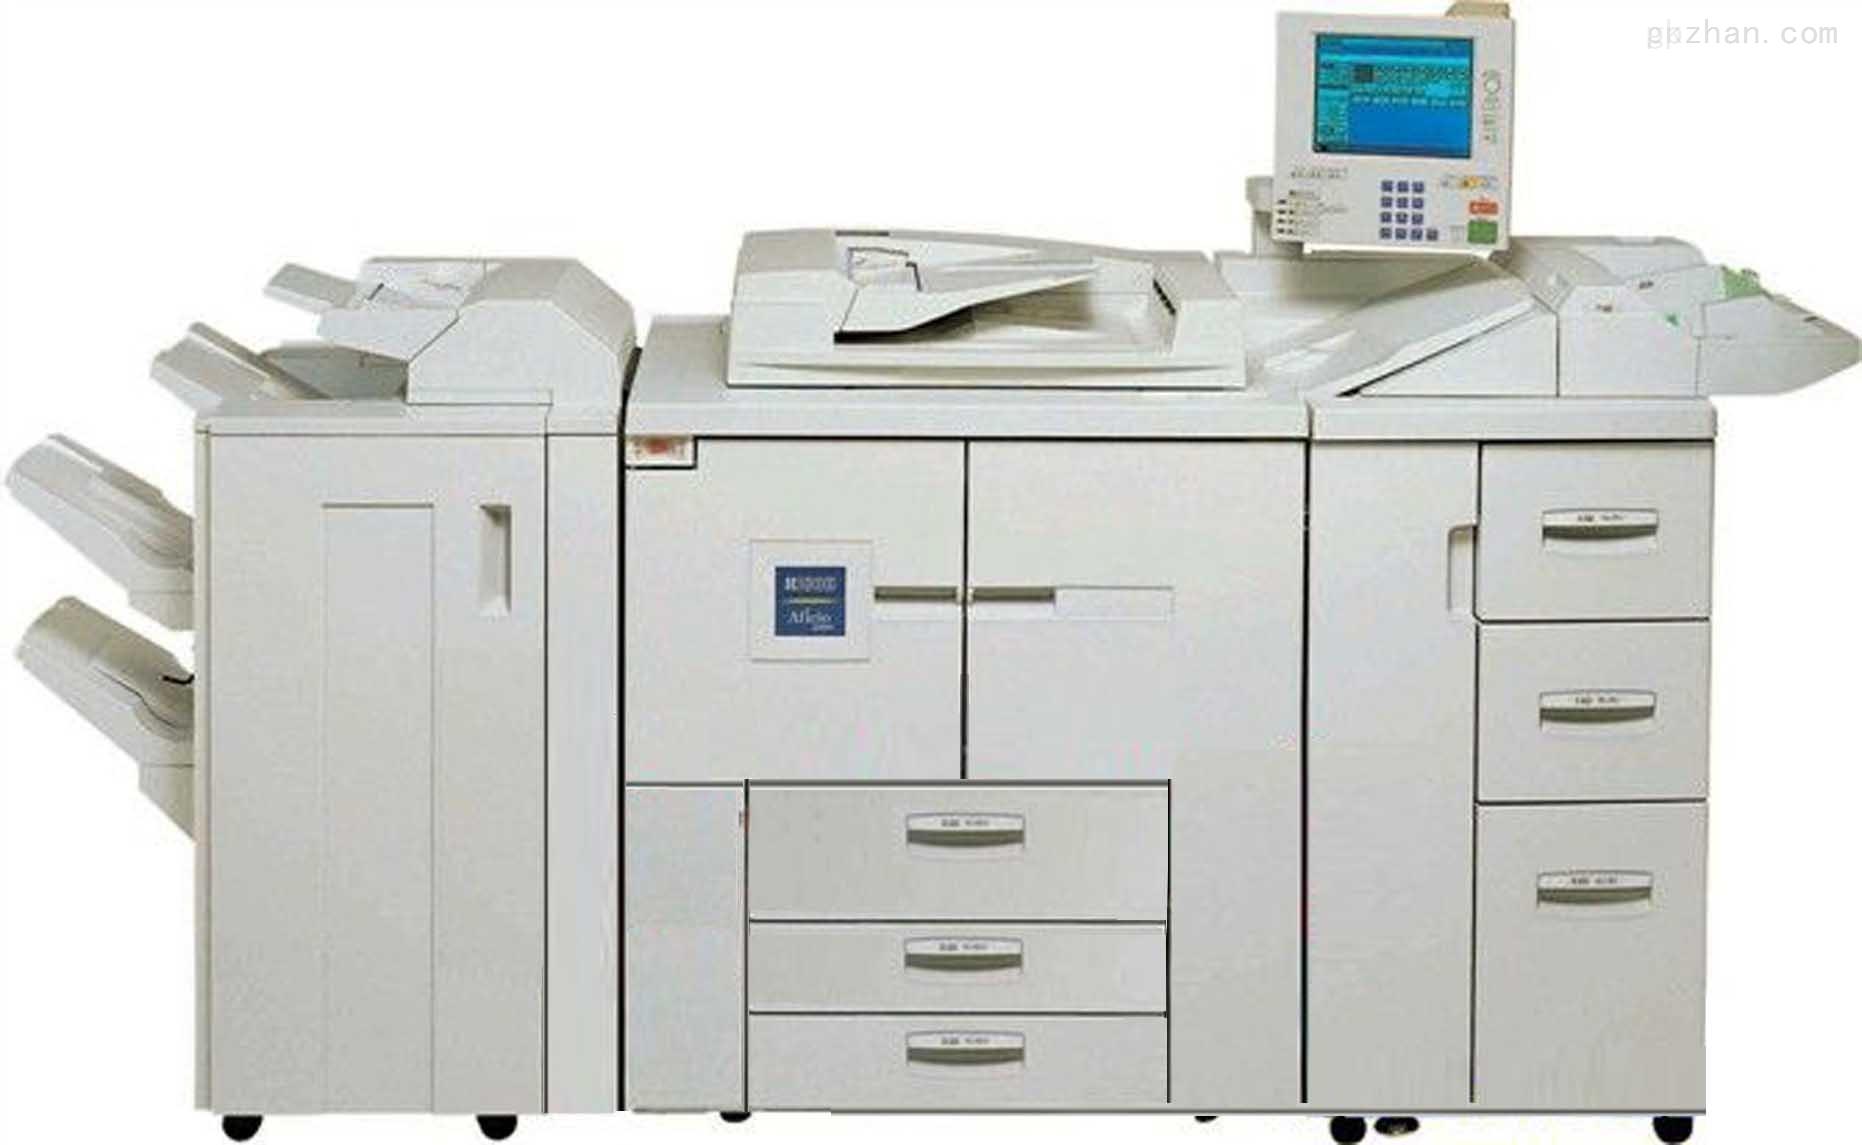 【供应】二手黑白复印机佳能IR4570/佳能IR3300二手复印机